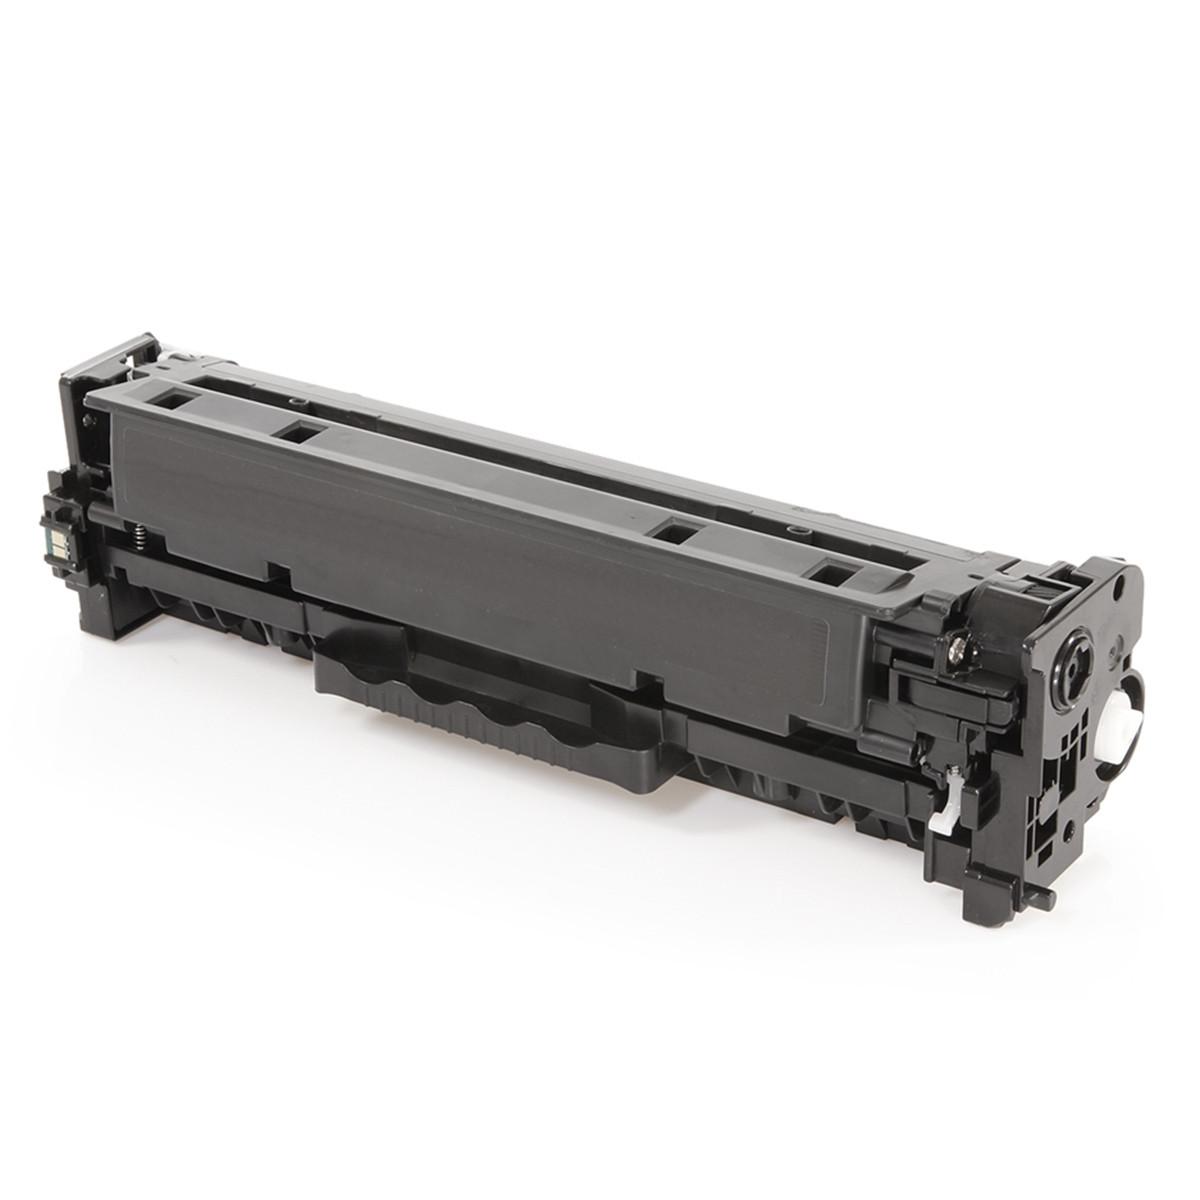 Toner Compatível com HP CE410A 305A Preto Universal | M451 M351 M475 M451DW | Premium 3.5k